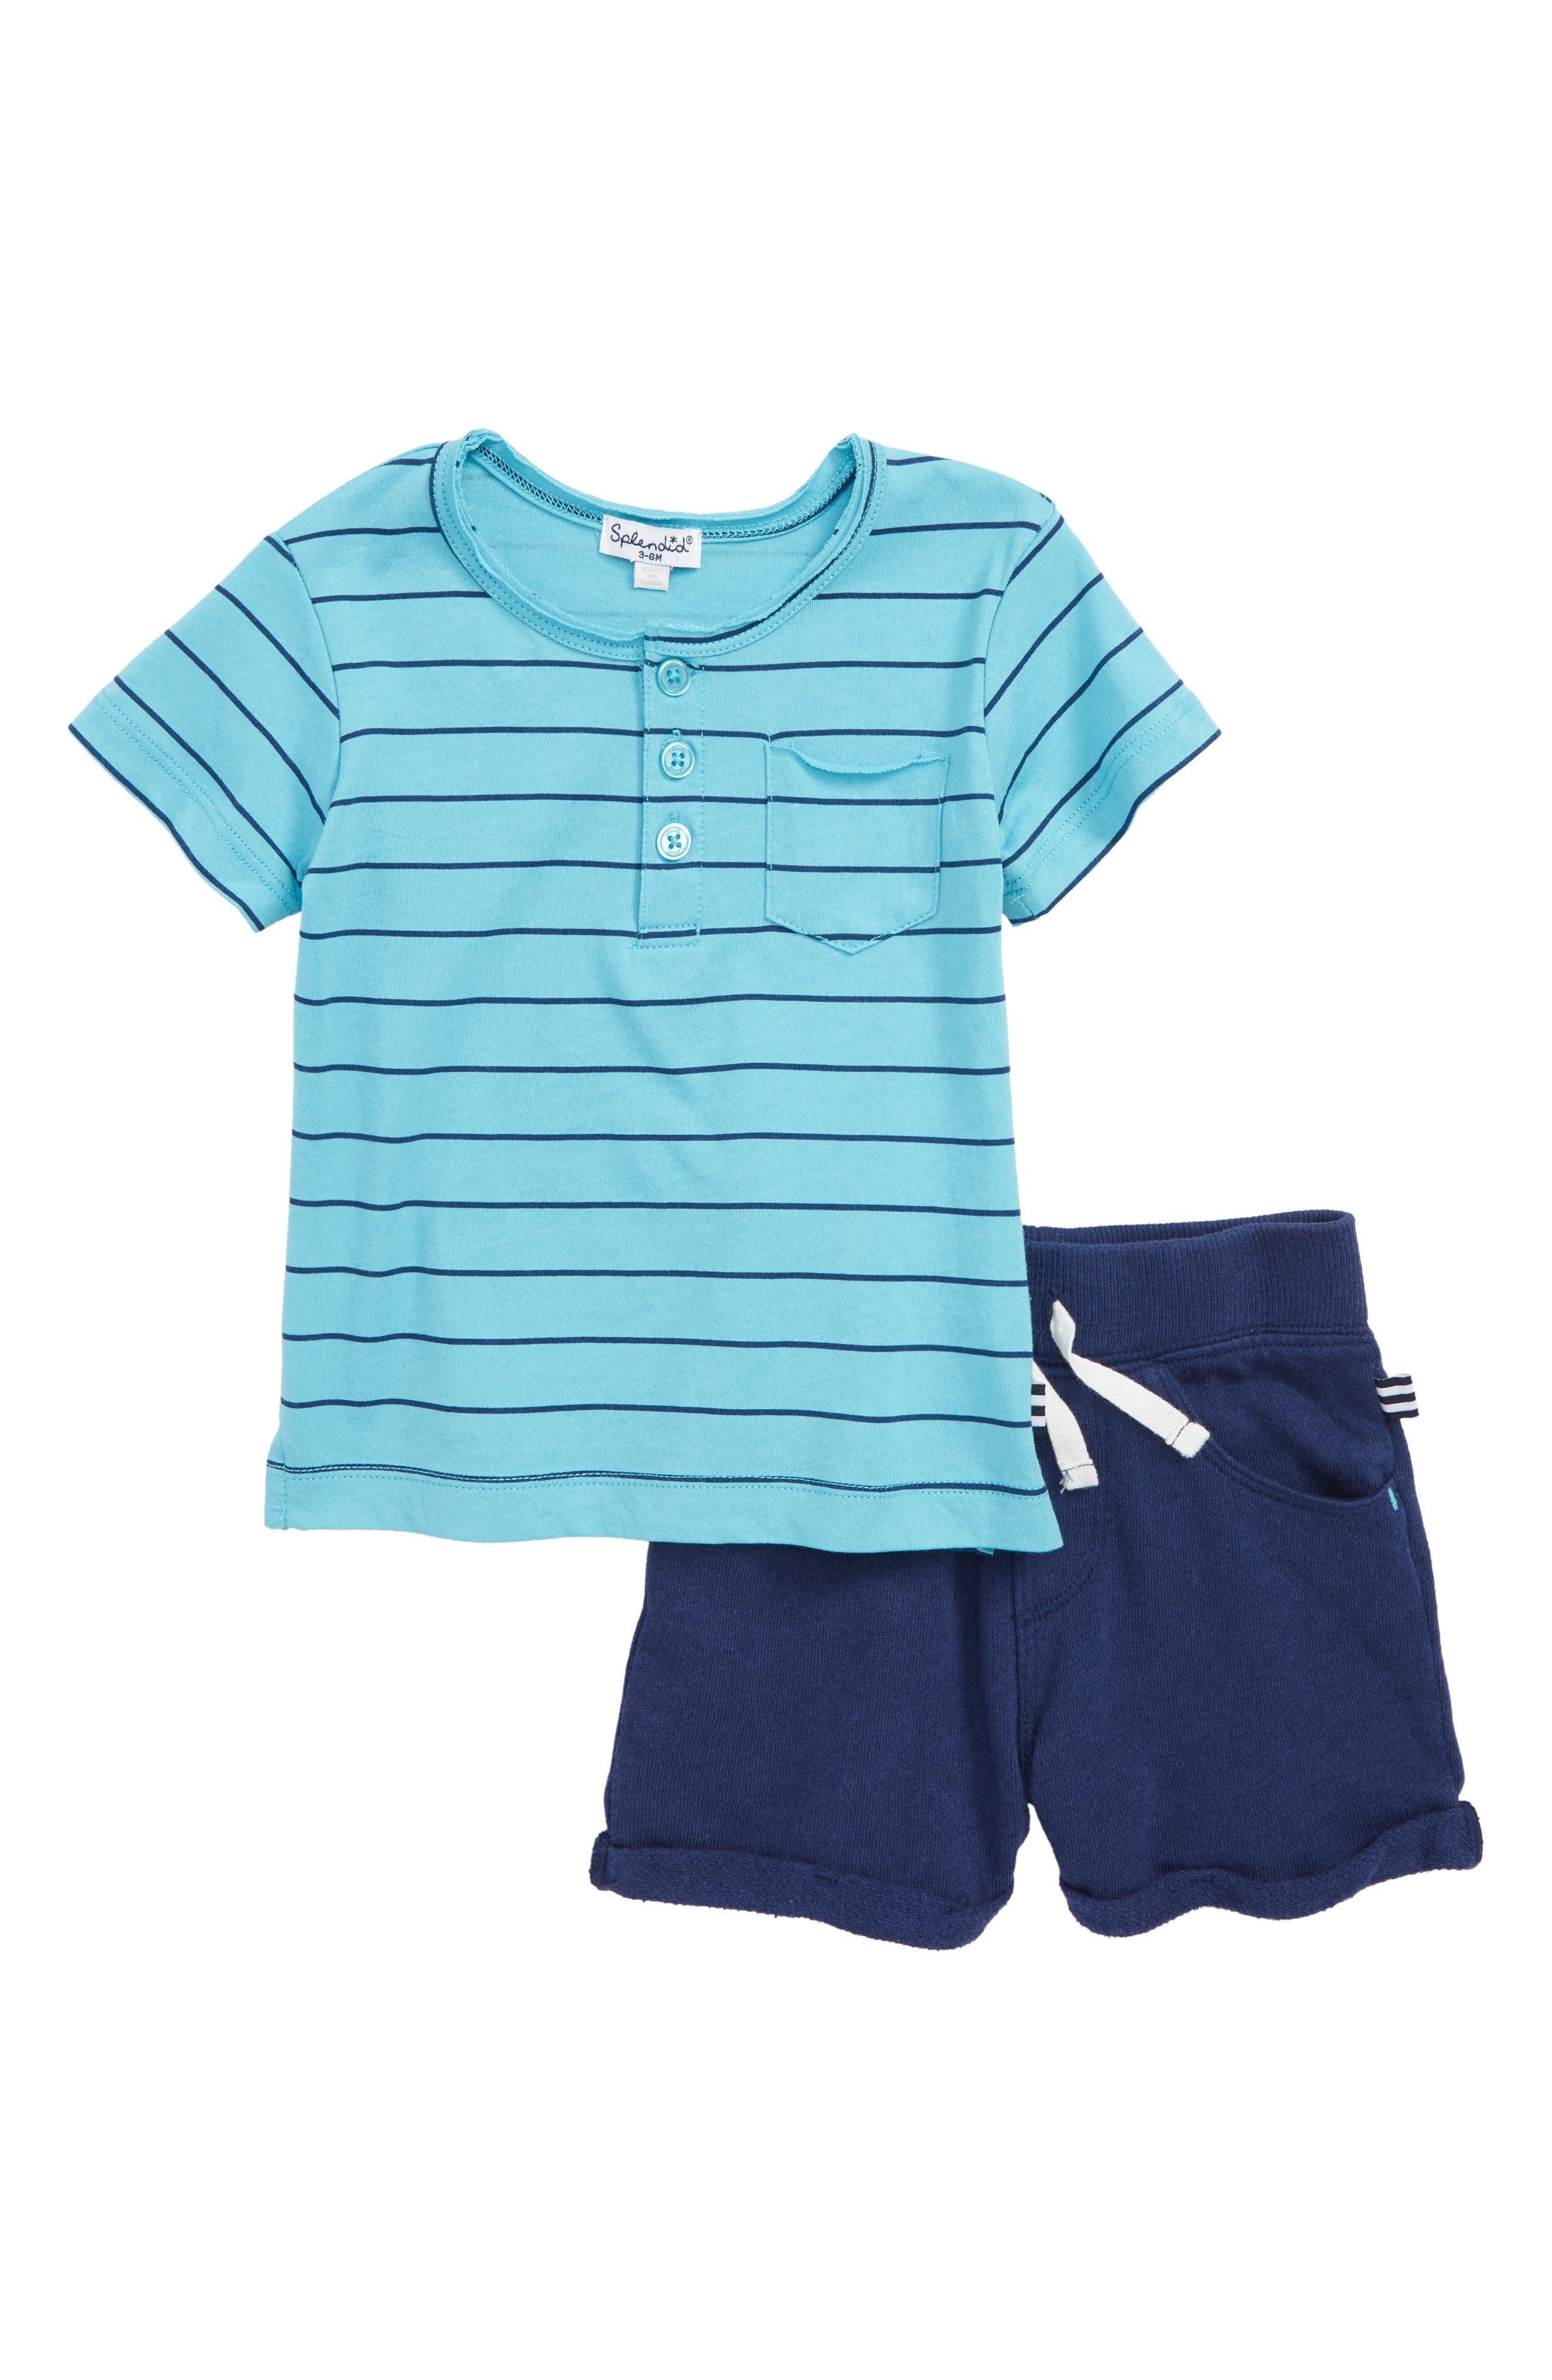 Henley T-Shirt & Shorts Set,                             Main thumbnail 1, color,                             400